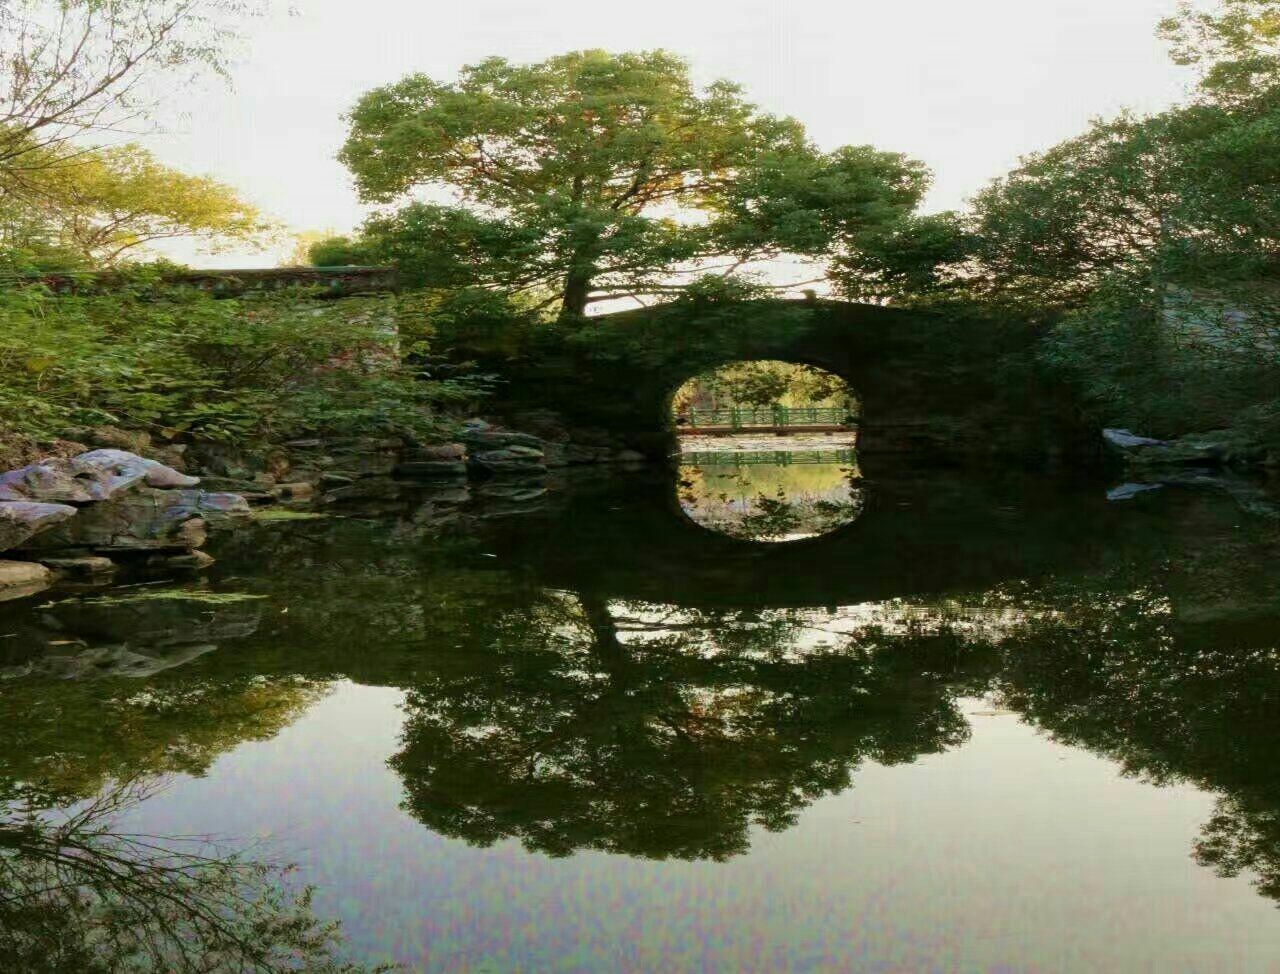 【携程攻略】海门东洲公园好玩吗,海门东洲公园景点样